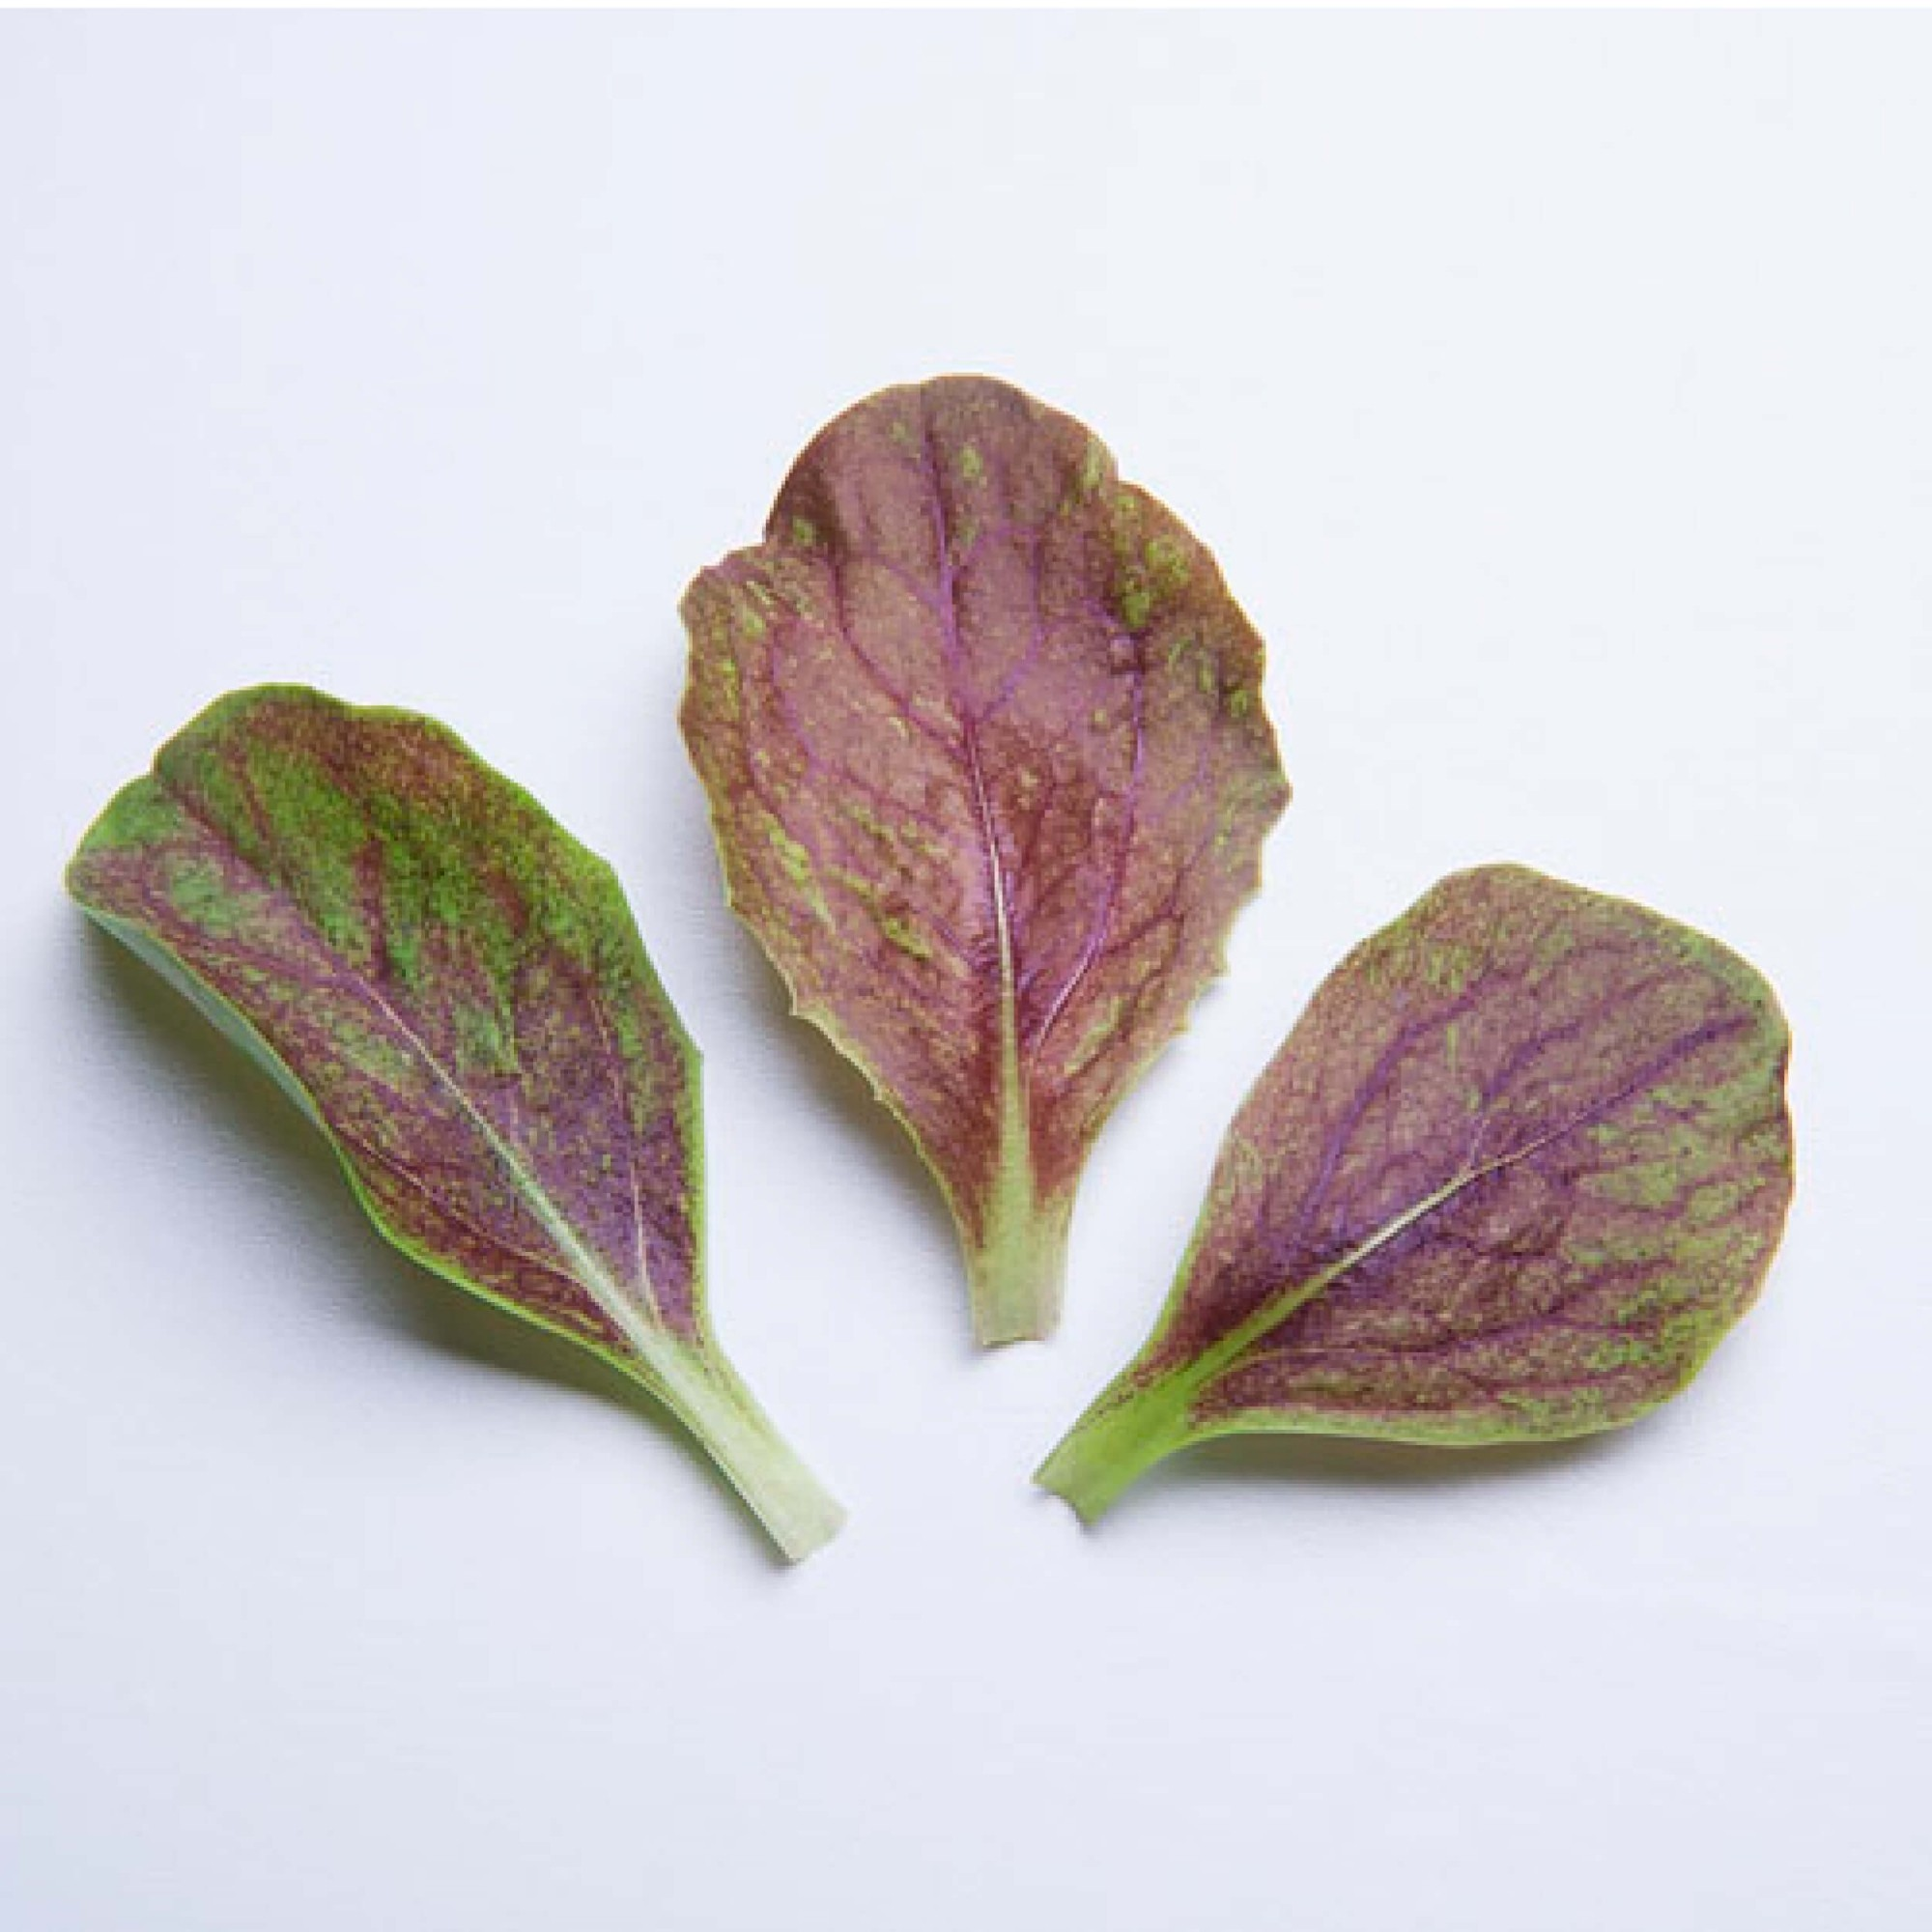 Sementes para plantar Chicória Palla Roxa em vasos autoirrigáveis RAIZ  - Loja Raiz